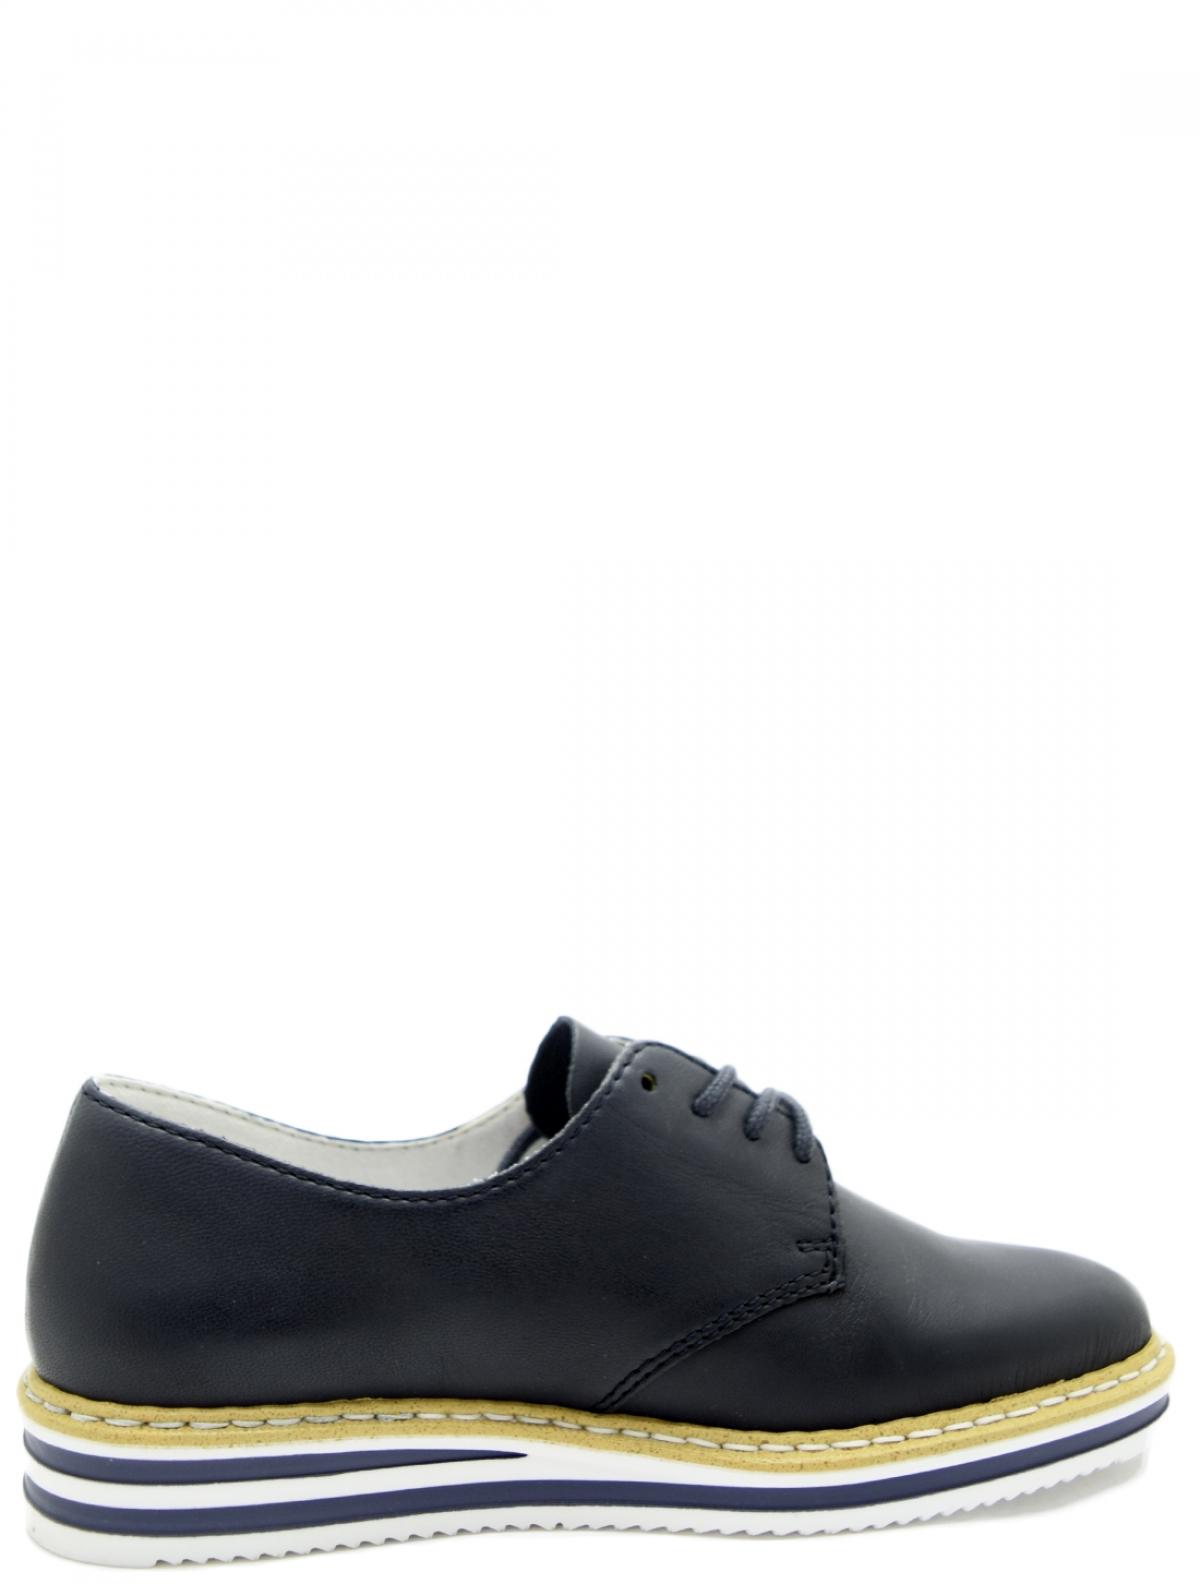 Rieker N0210-14 женские туфли